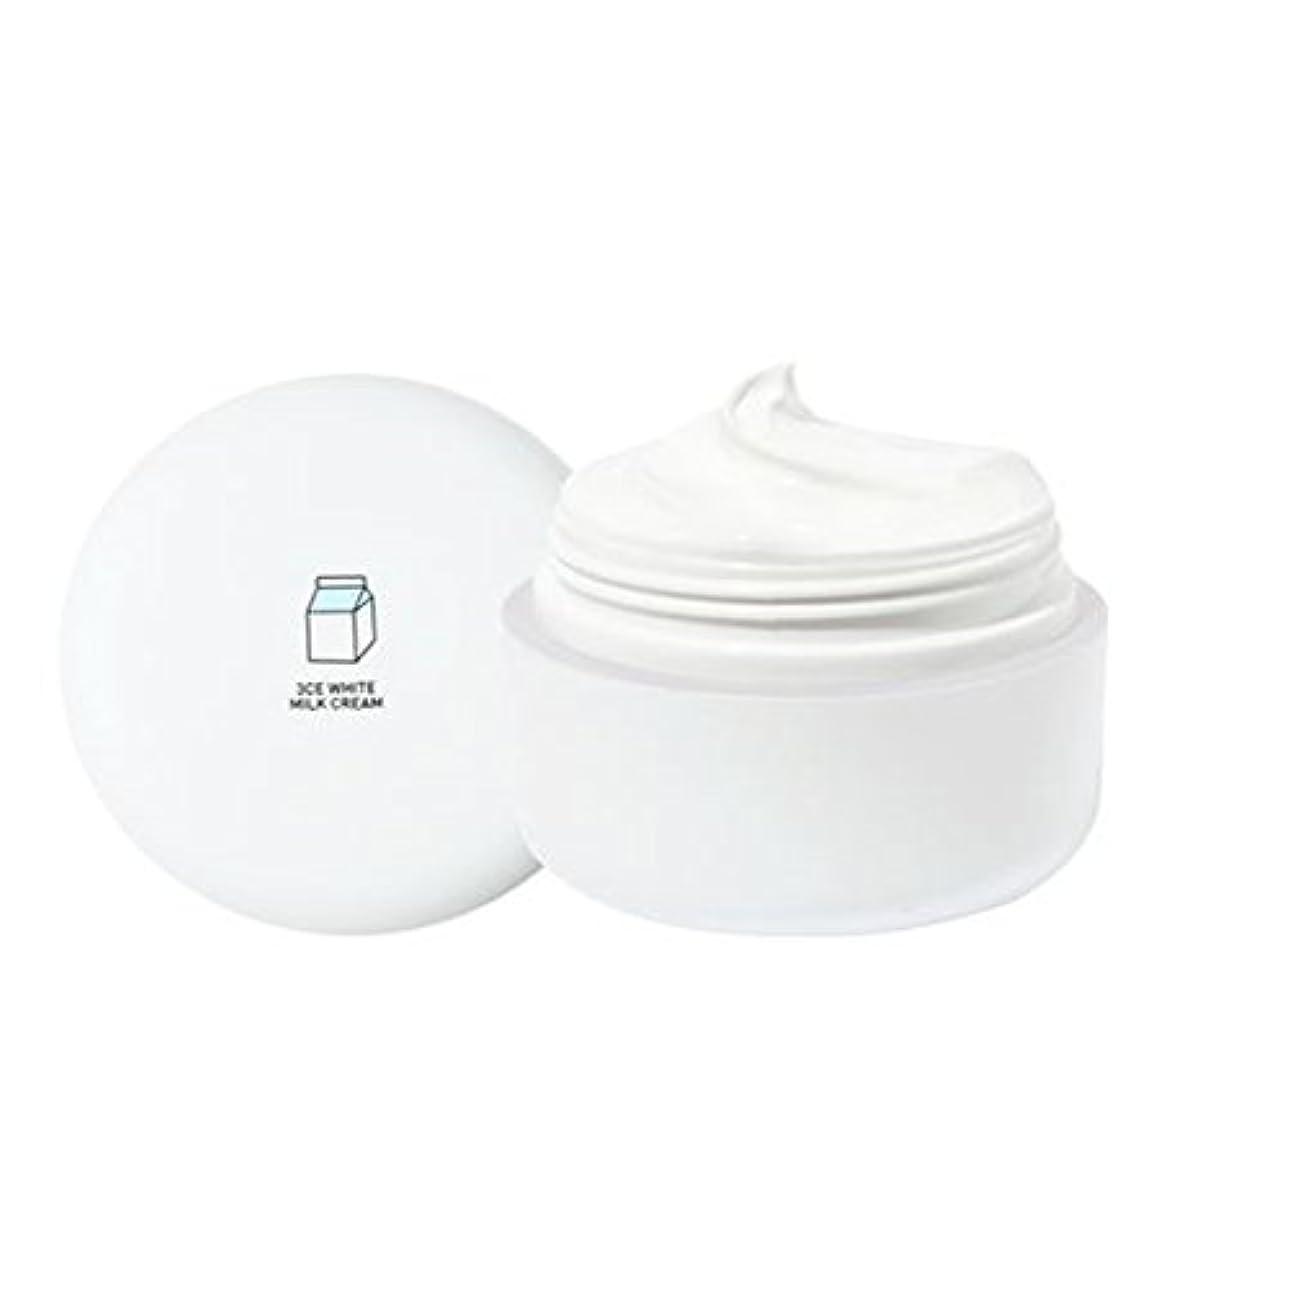 従う列挙する衣類[3CE] ホワイトミルククリーム(White Milk Cream) 50g